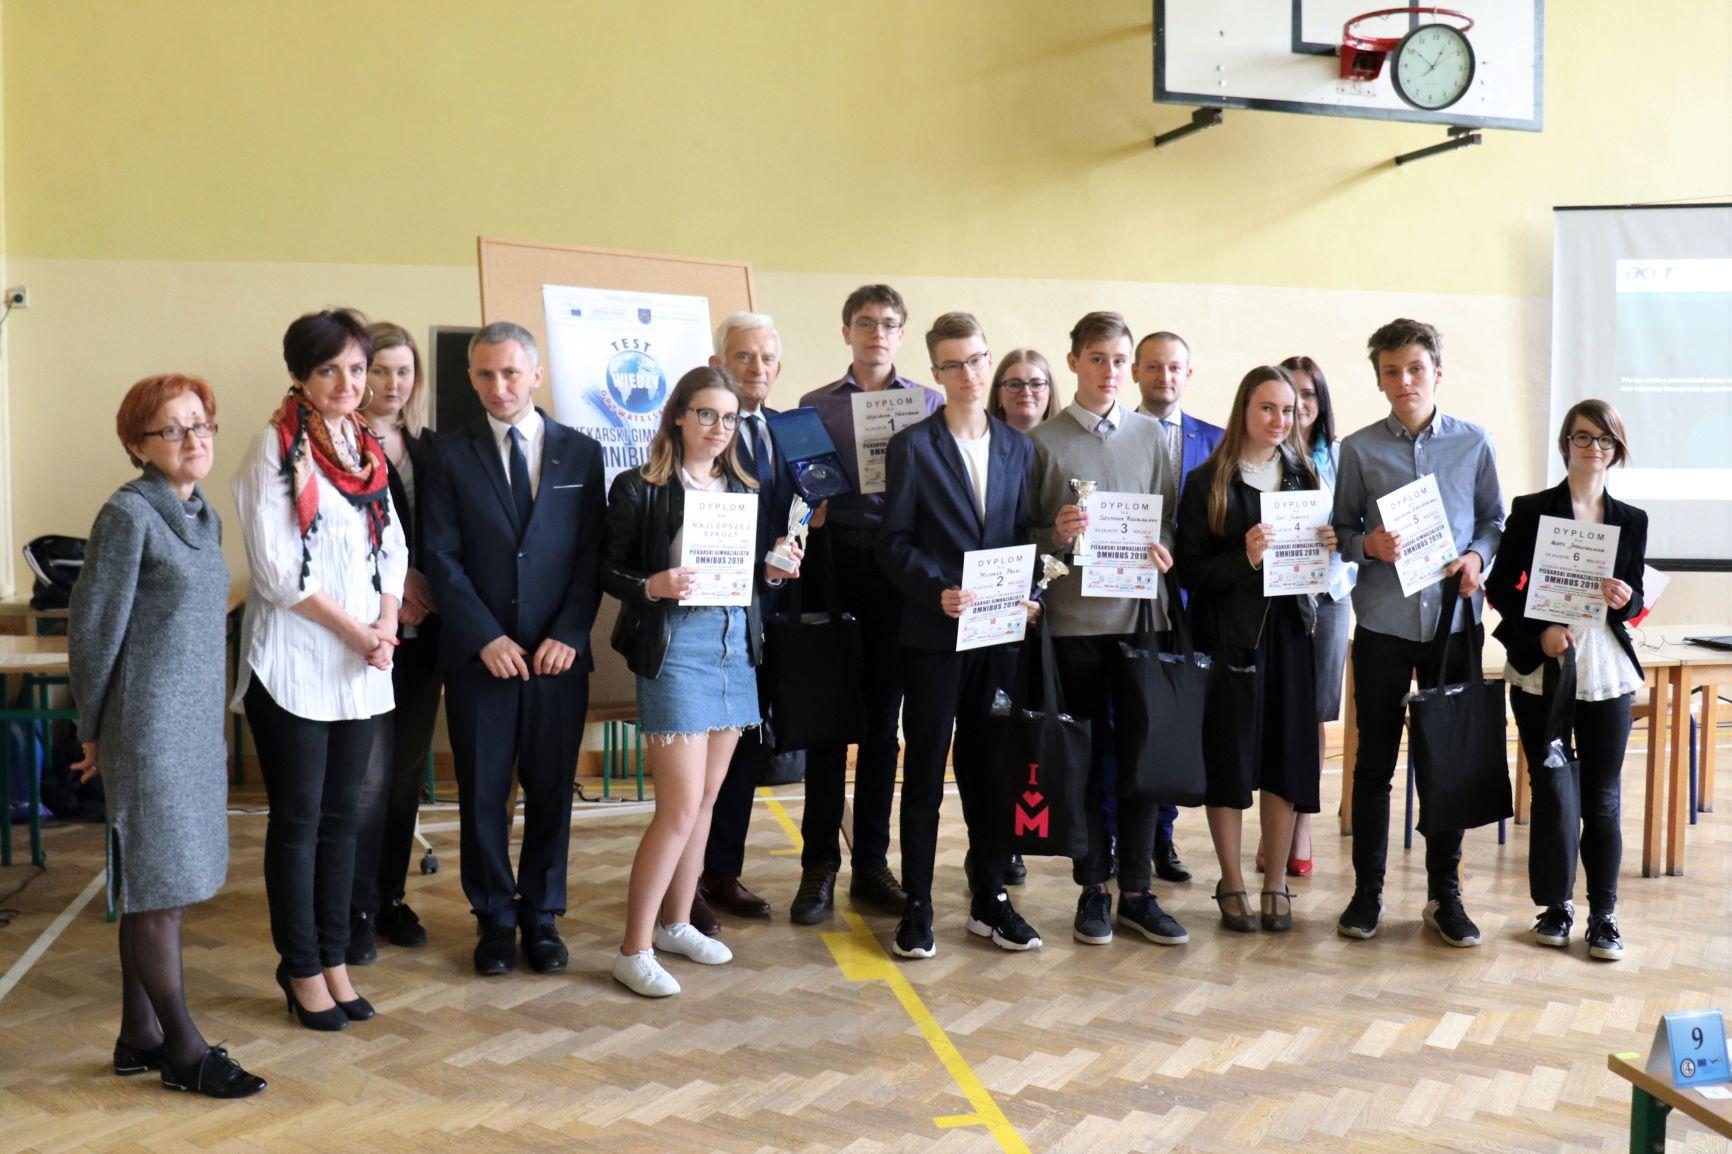 Zwycięzcy VI Testu Wiedzy Obywatelskiej zostali wyłonieni!